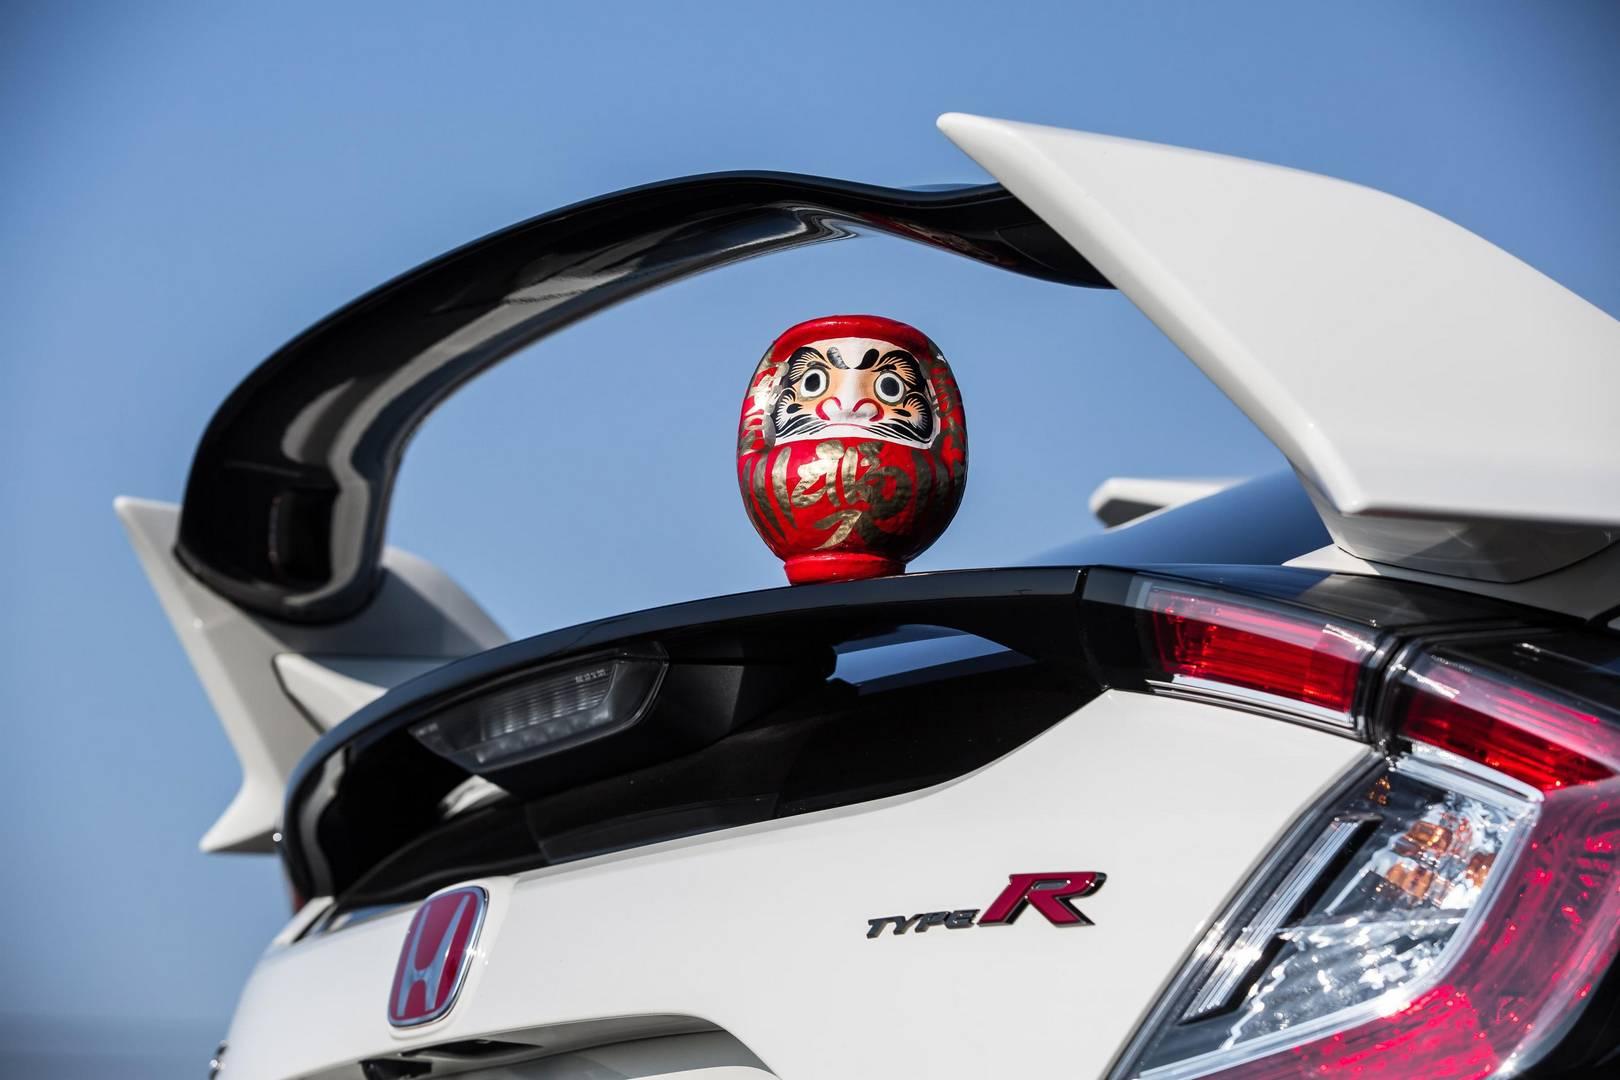 Фил Уэбб, глава подразделения Honda в Великобритании, прокомментировал: «Как и в предыдущем поколении, мы ожидаем огромного спроса на Civic Type R. Банк заказов уже открыт, и автомобиль уже сильно заинтересовал клиентов еще со времени своего дебюта н